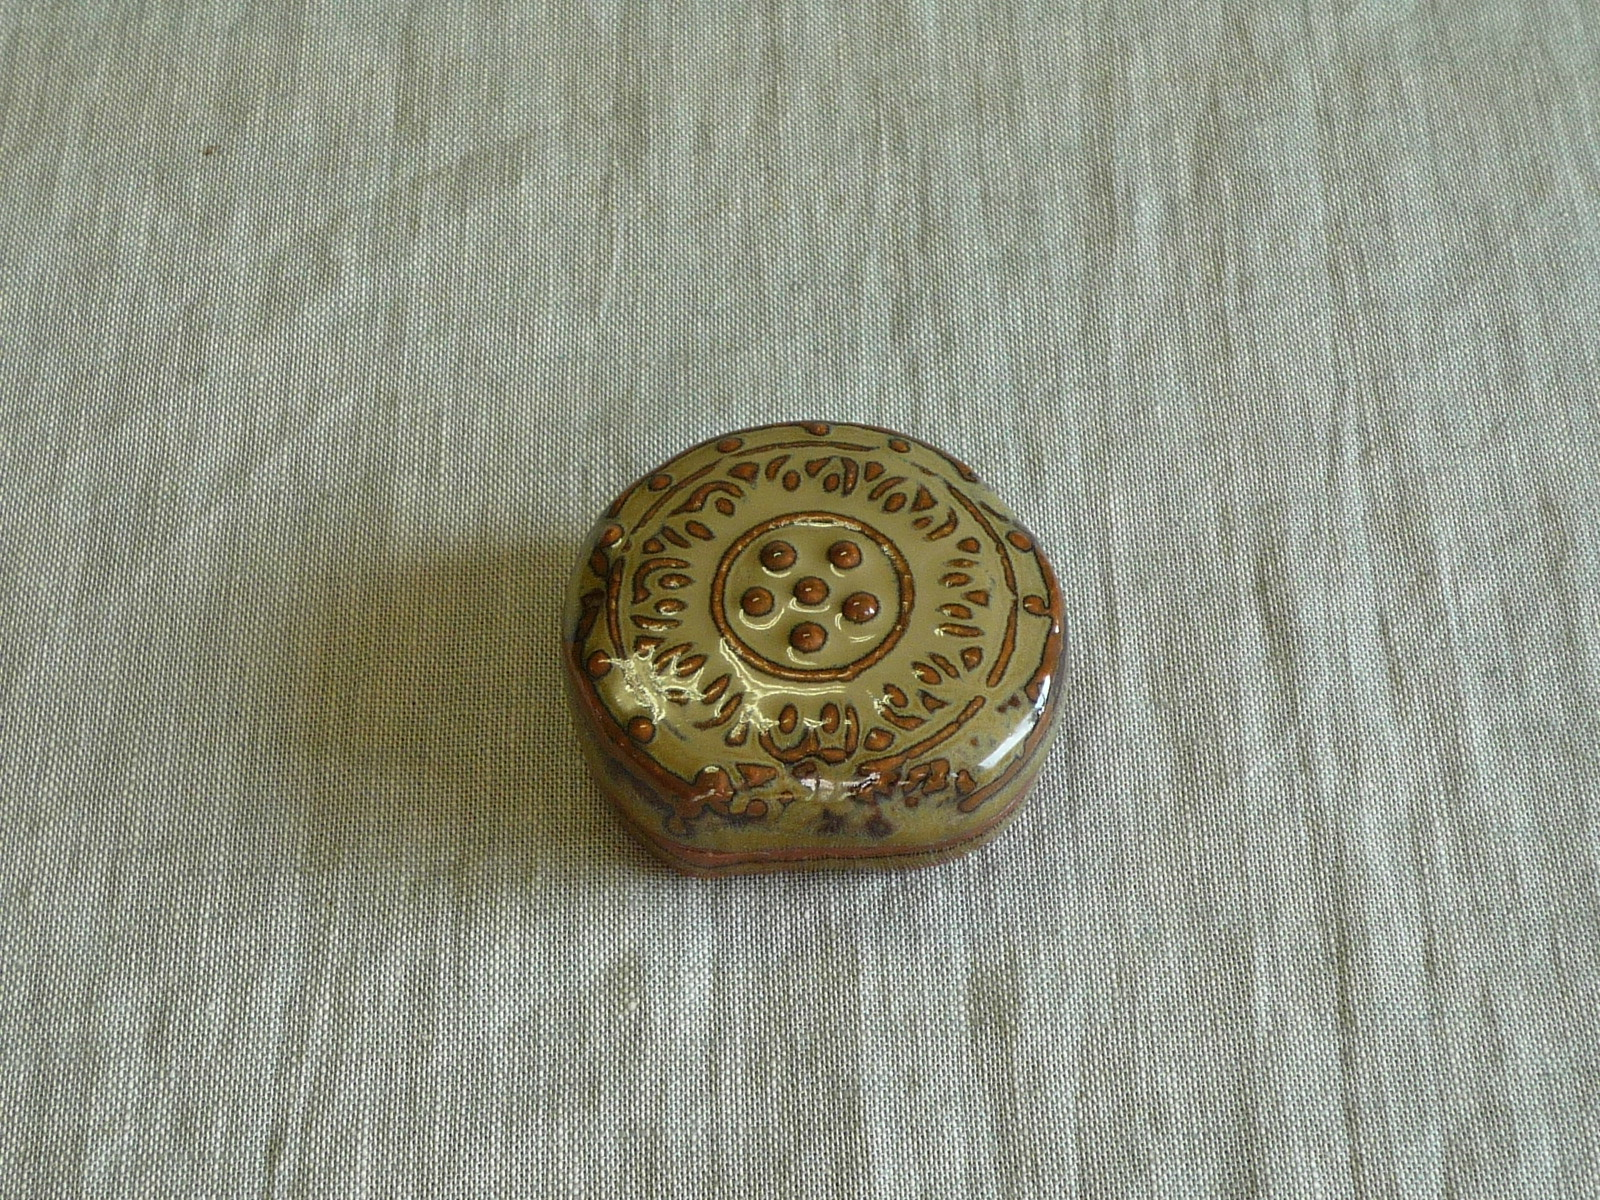 赤膚焼 古代瓦香盒 作家物 東大寺 古代瓦 香盒 窯変 登り窯